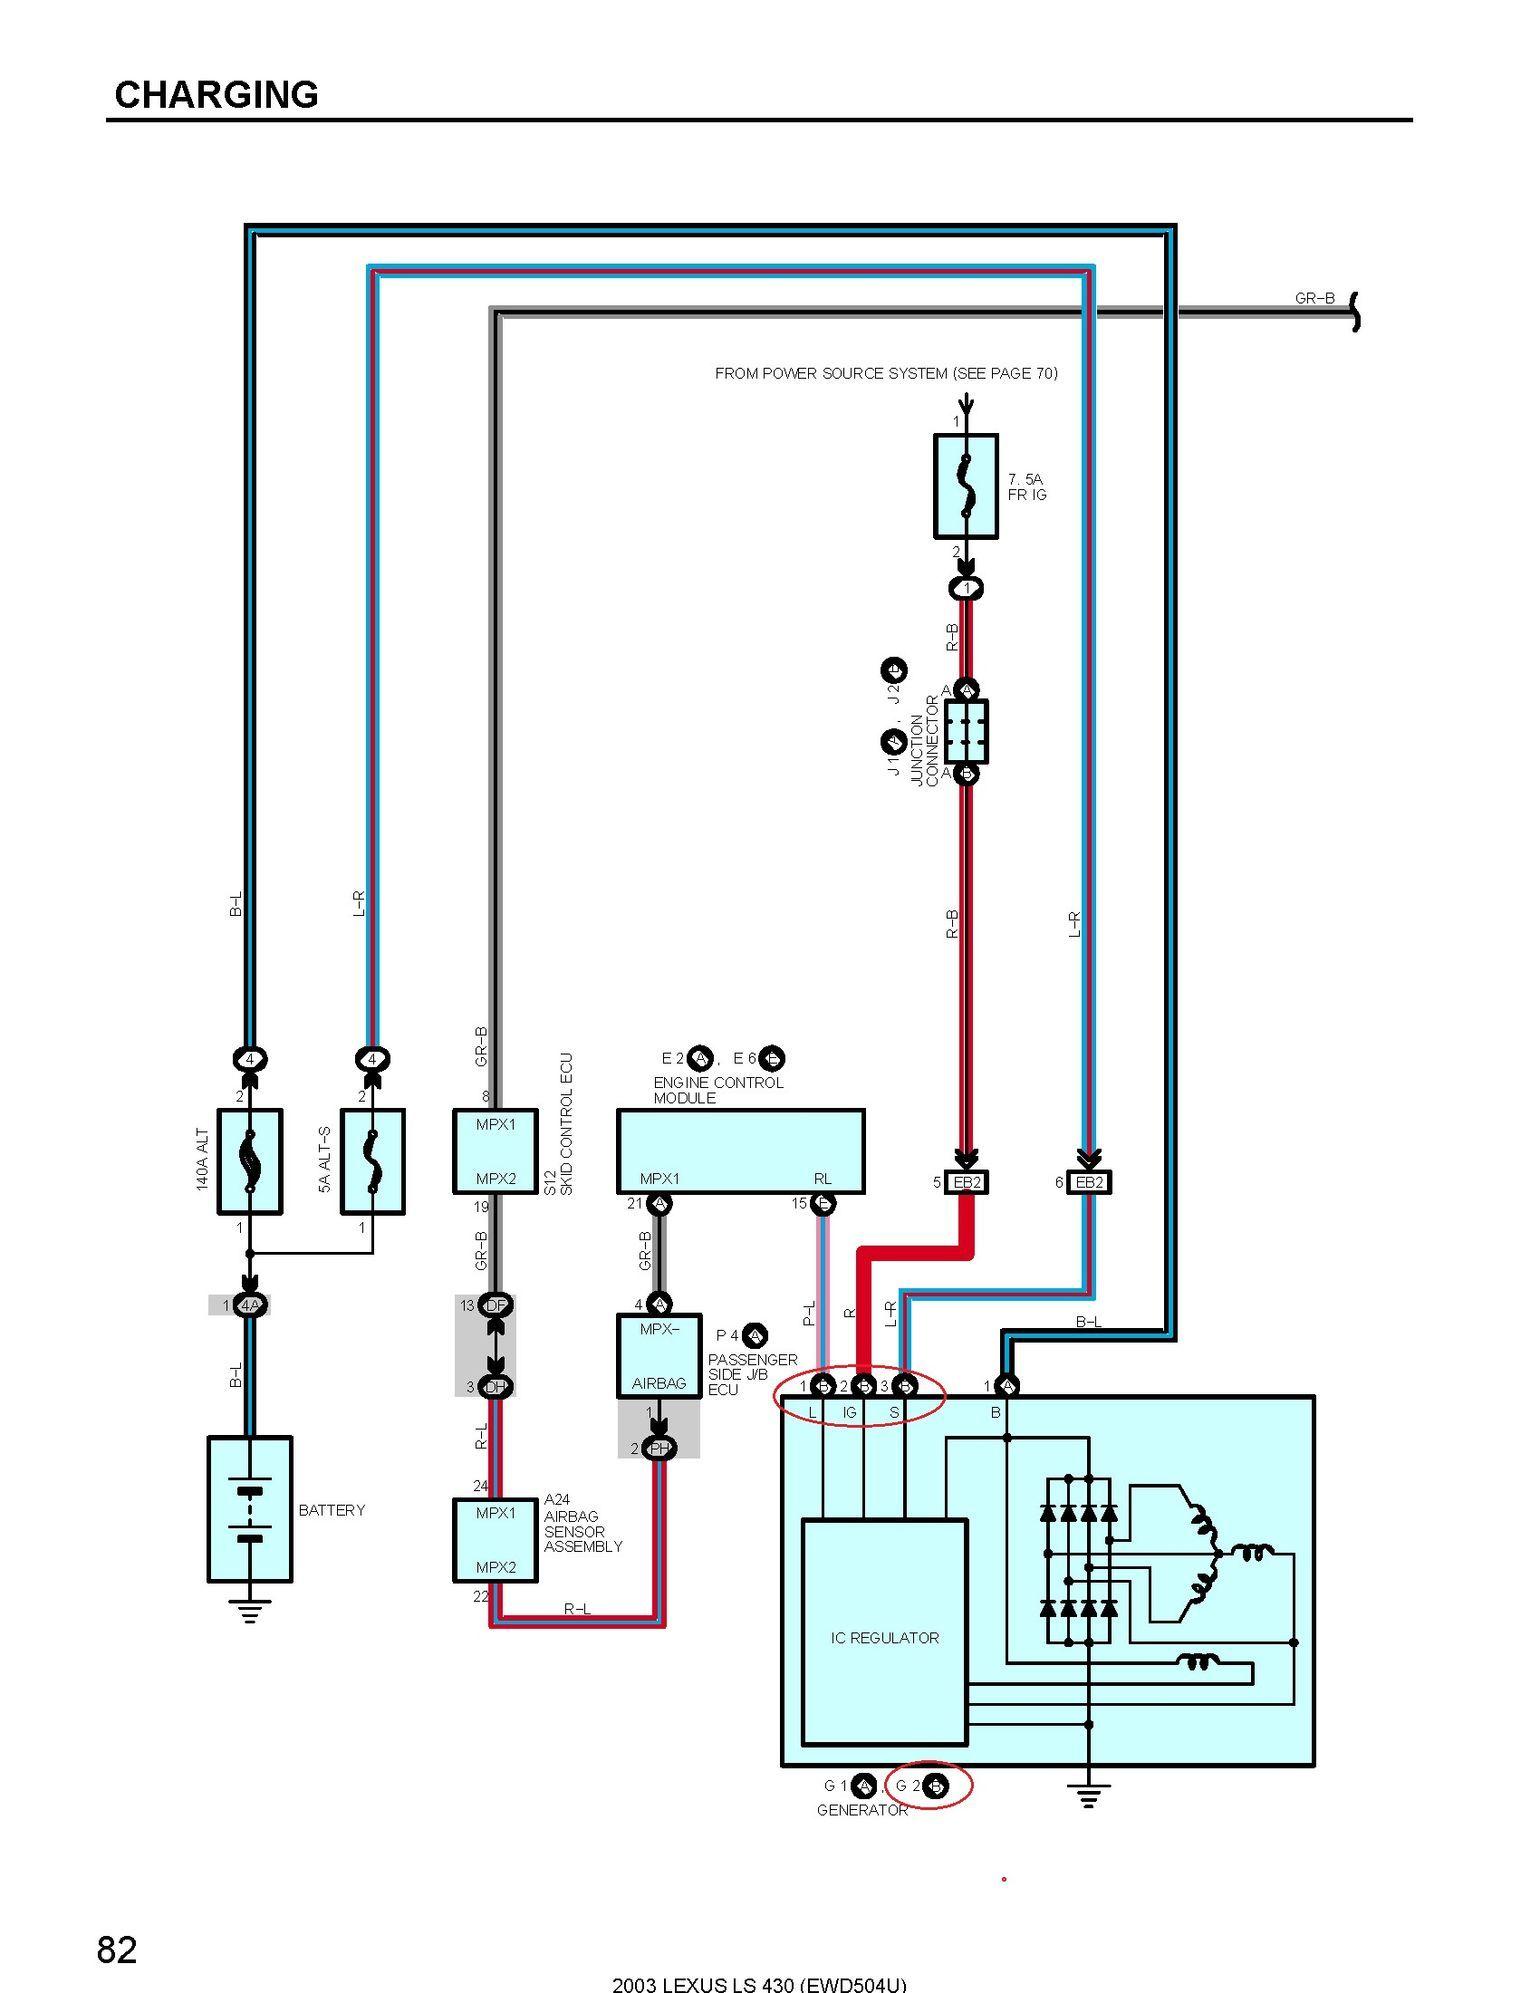 Ks 8410 1990 Lexus Ls400 Radio Circuit And Wiring Diagram